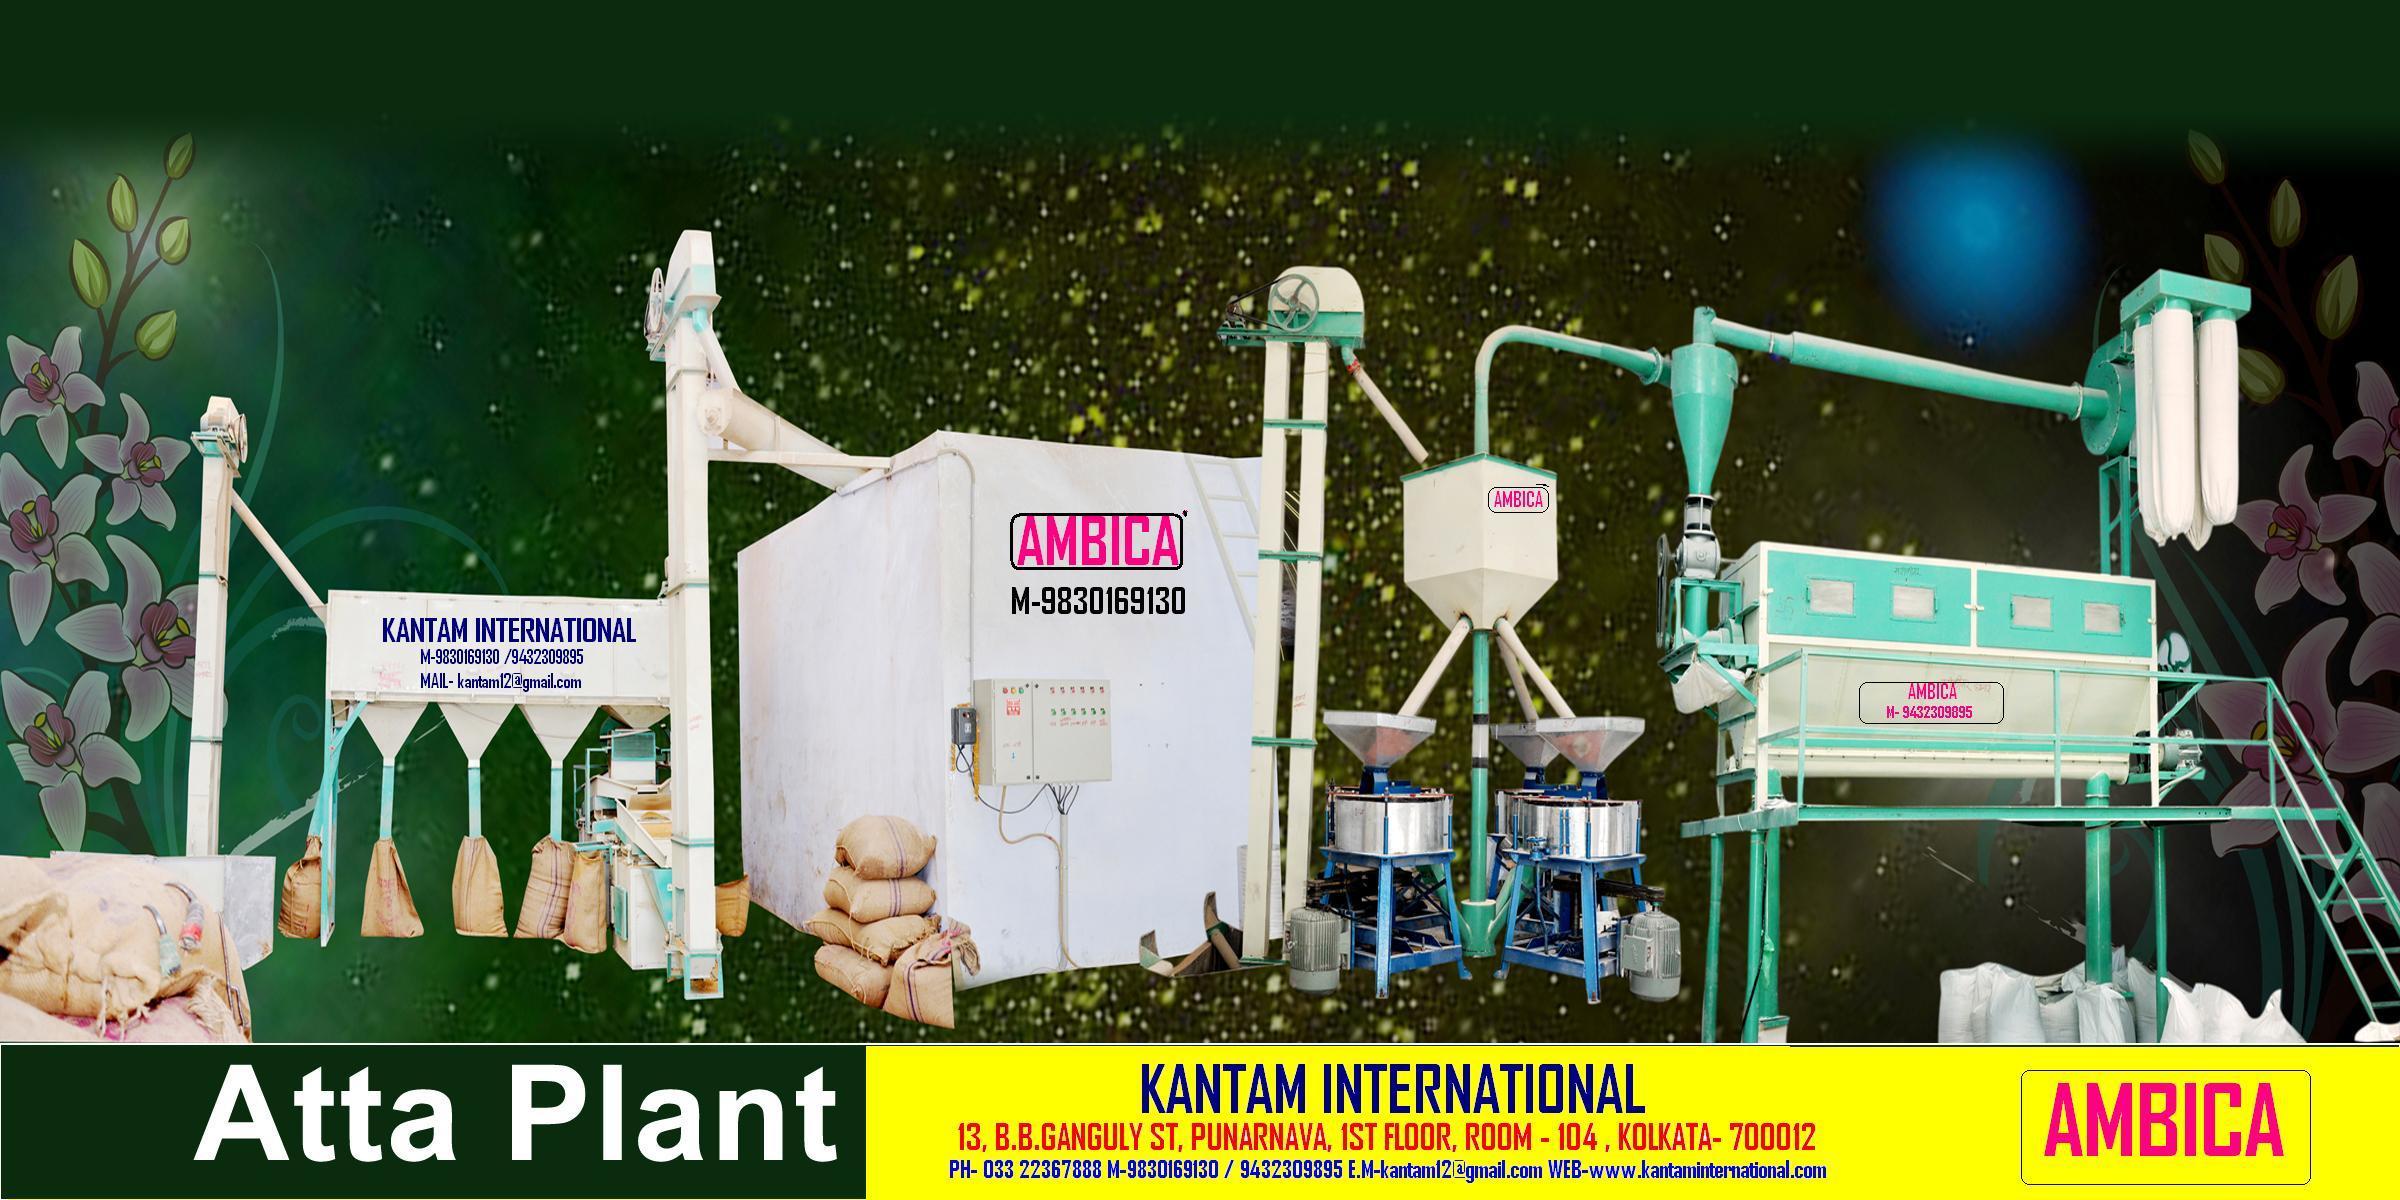 Atta Plant